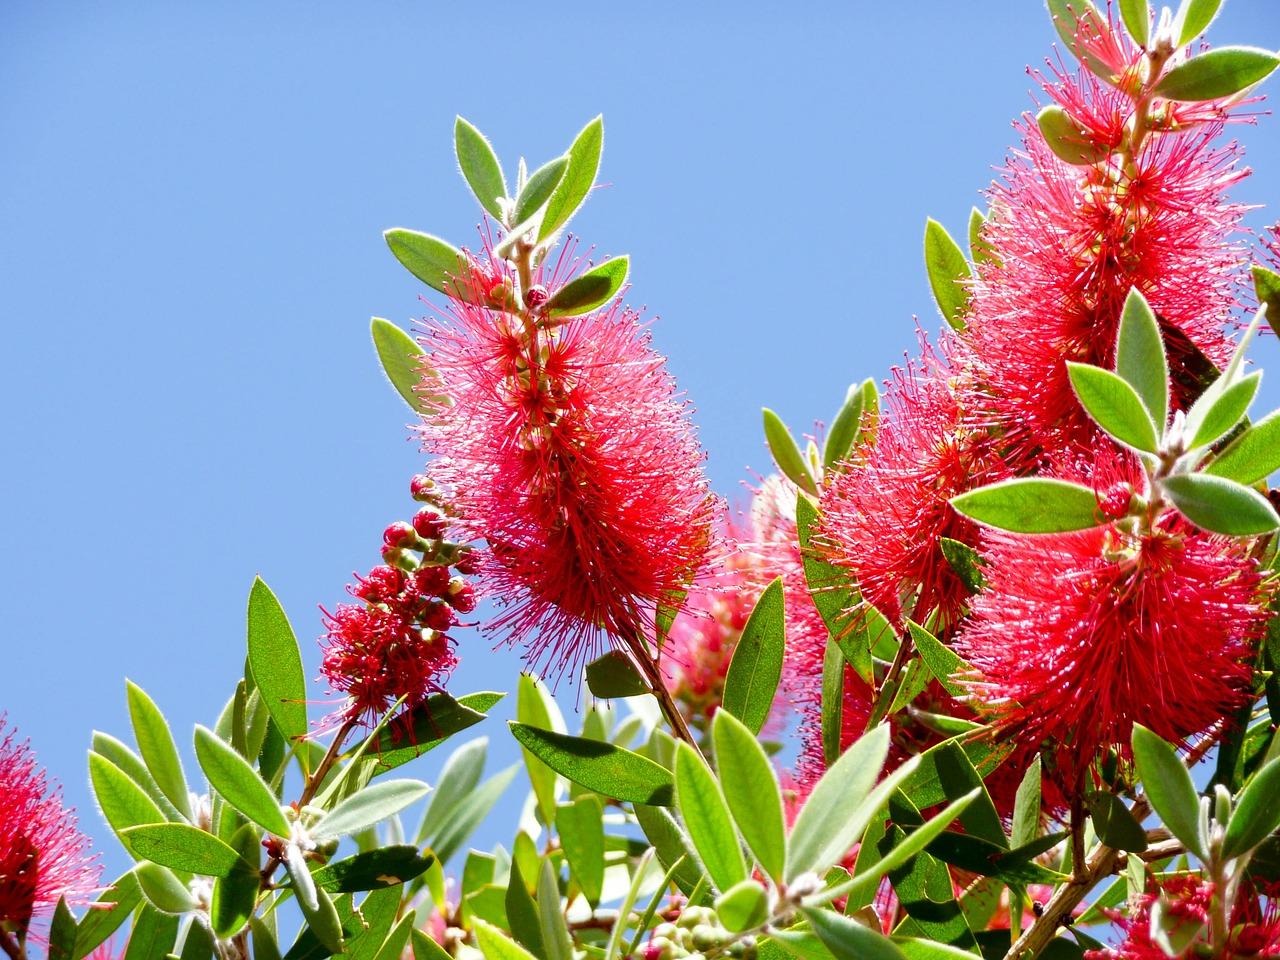 El limpiatubos es un arbusto de hoja perenne